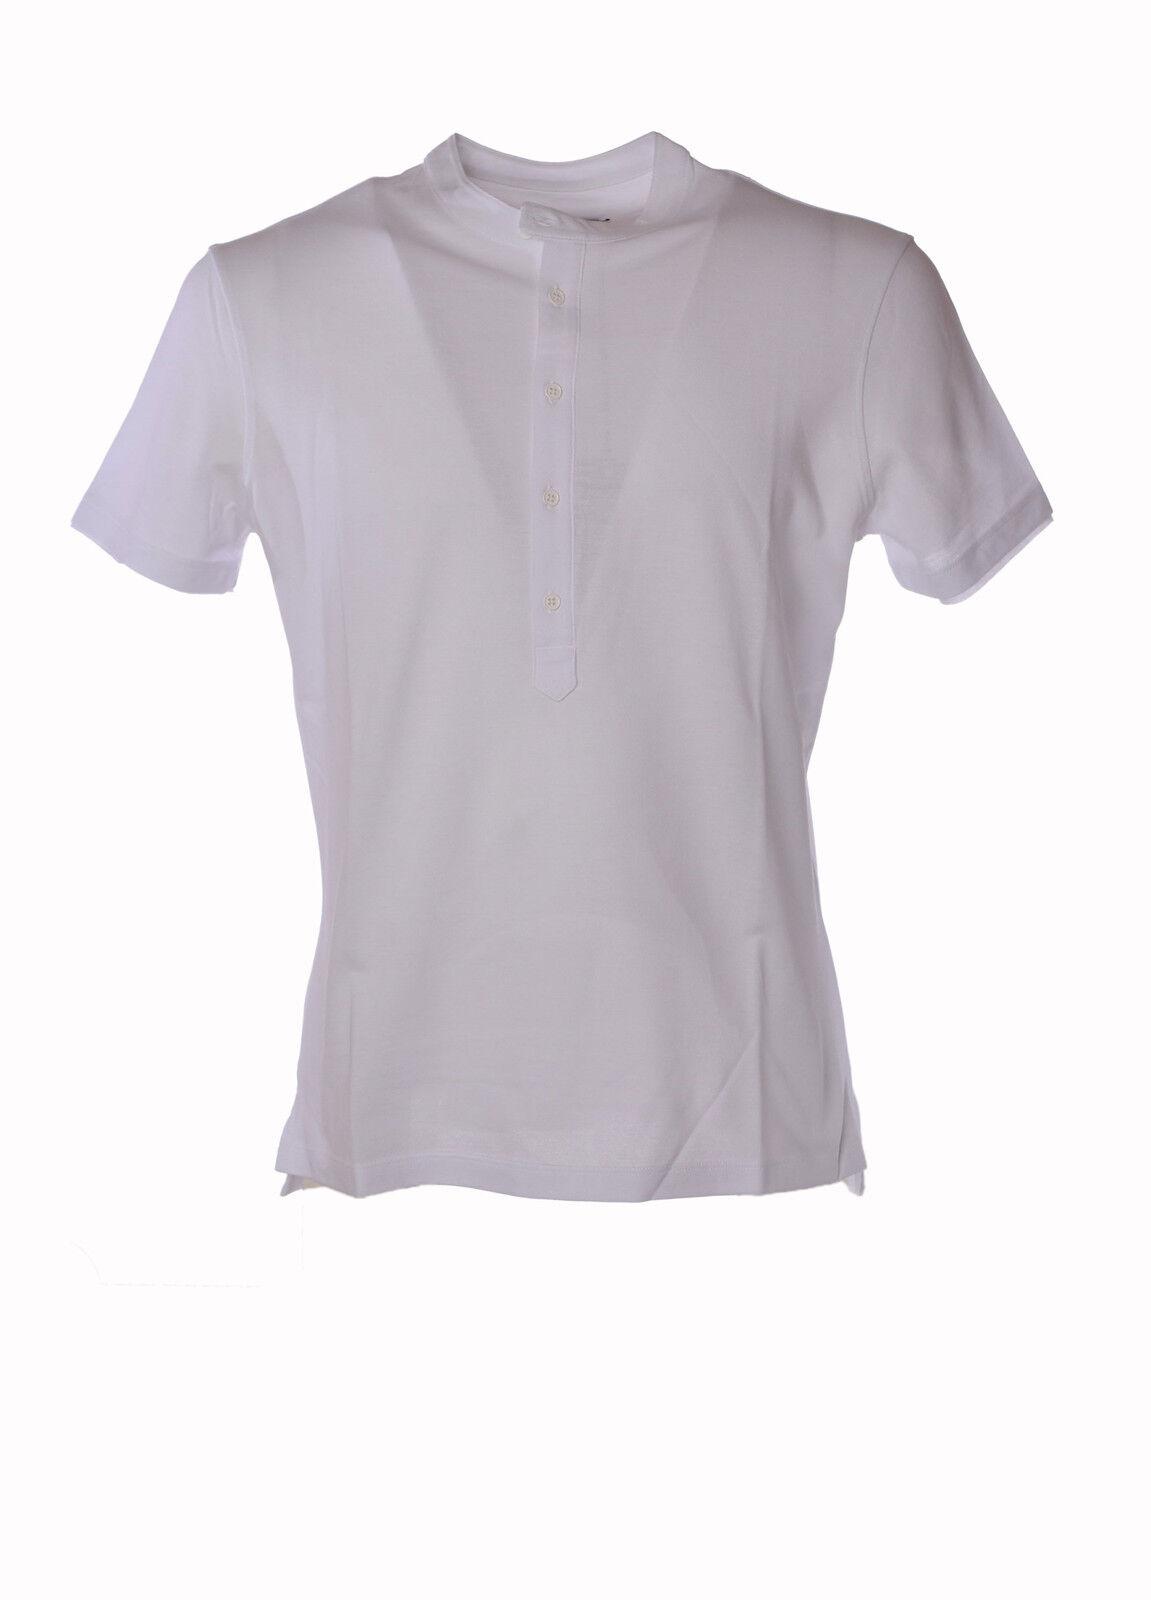 Paolo Pecora - Topwear-T-shirts - Man - Weiß - 3598401L184322